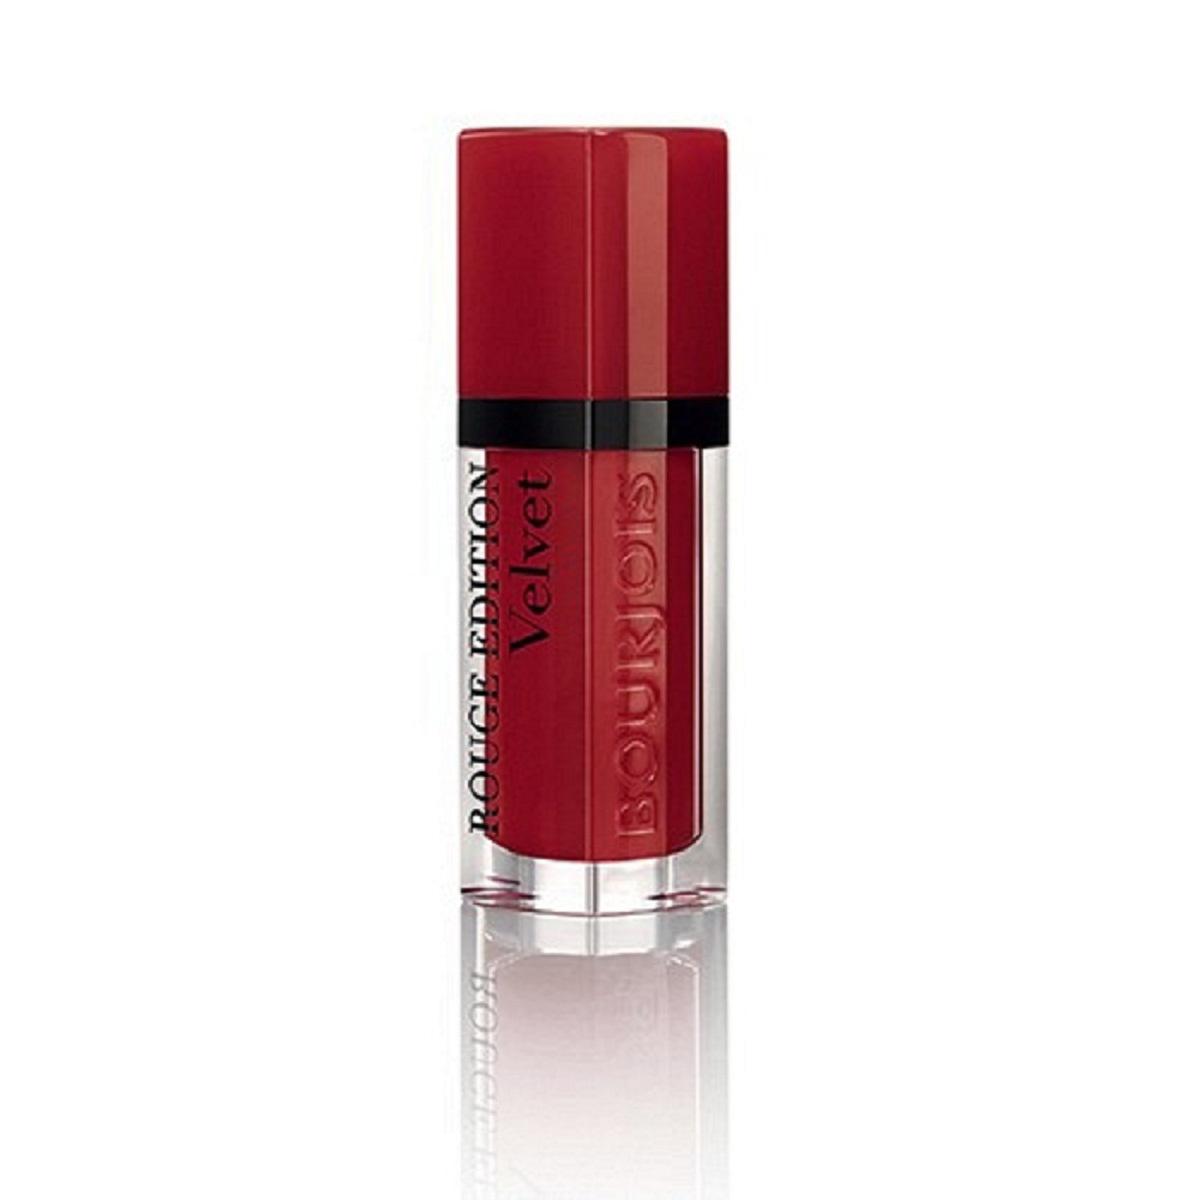 Bourjois Rouge Edition Velvet Бархатный флюид для губ тон 01 6,7 мл29101273001Бархатная воздушная текстура не ощущается на губах Матовая текстура долго держится на губах и имеет насыщенный цвет благодаря чистому пигменту